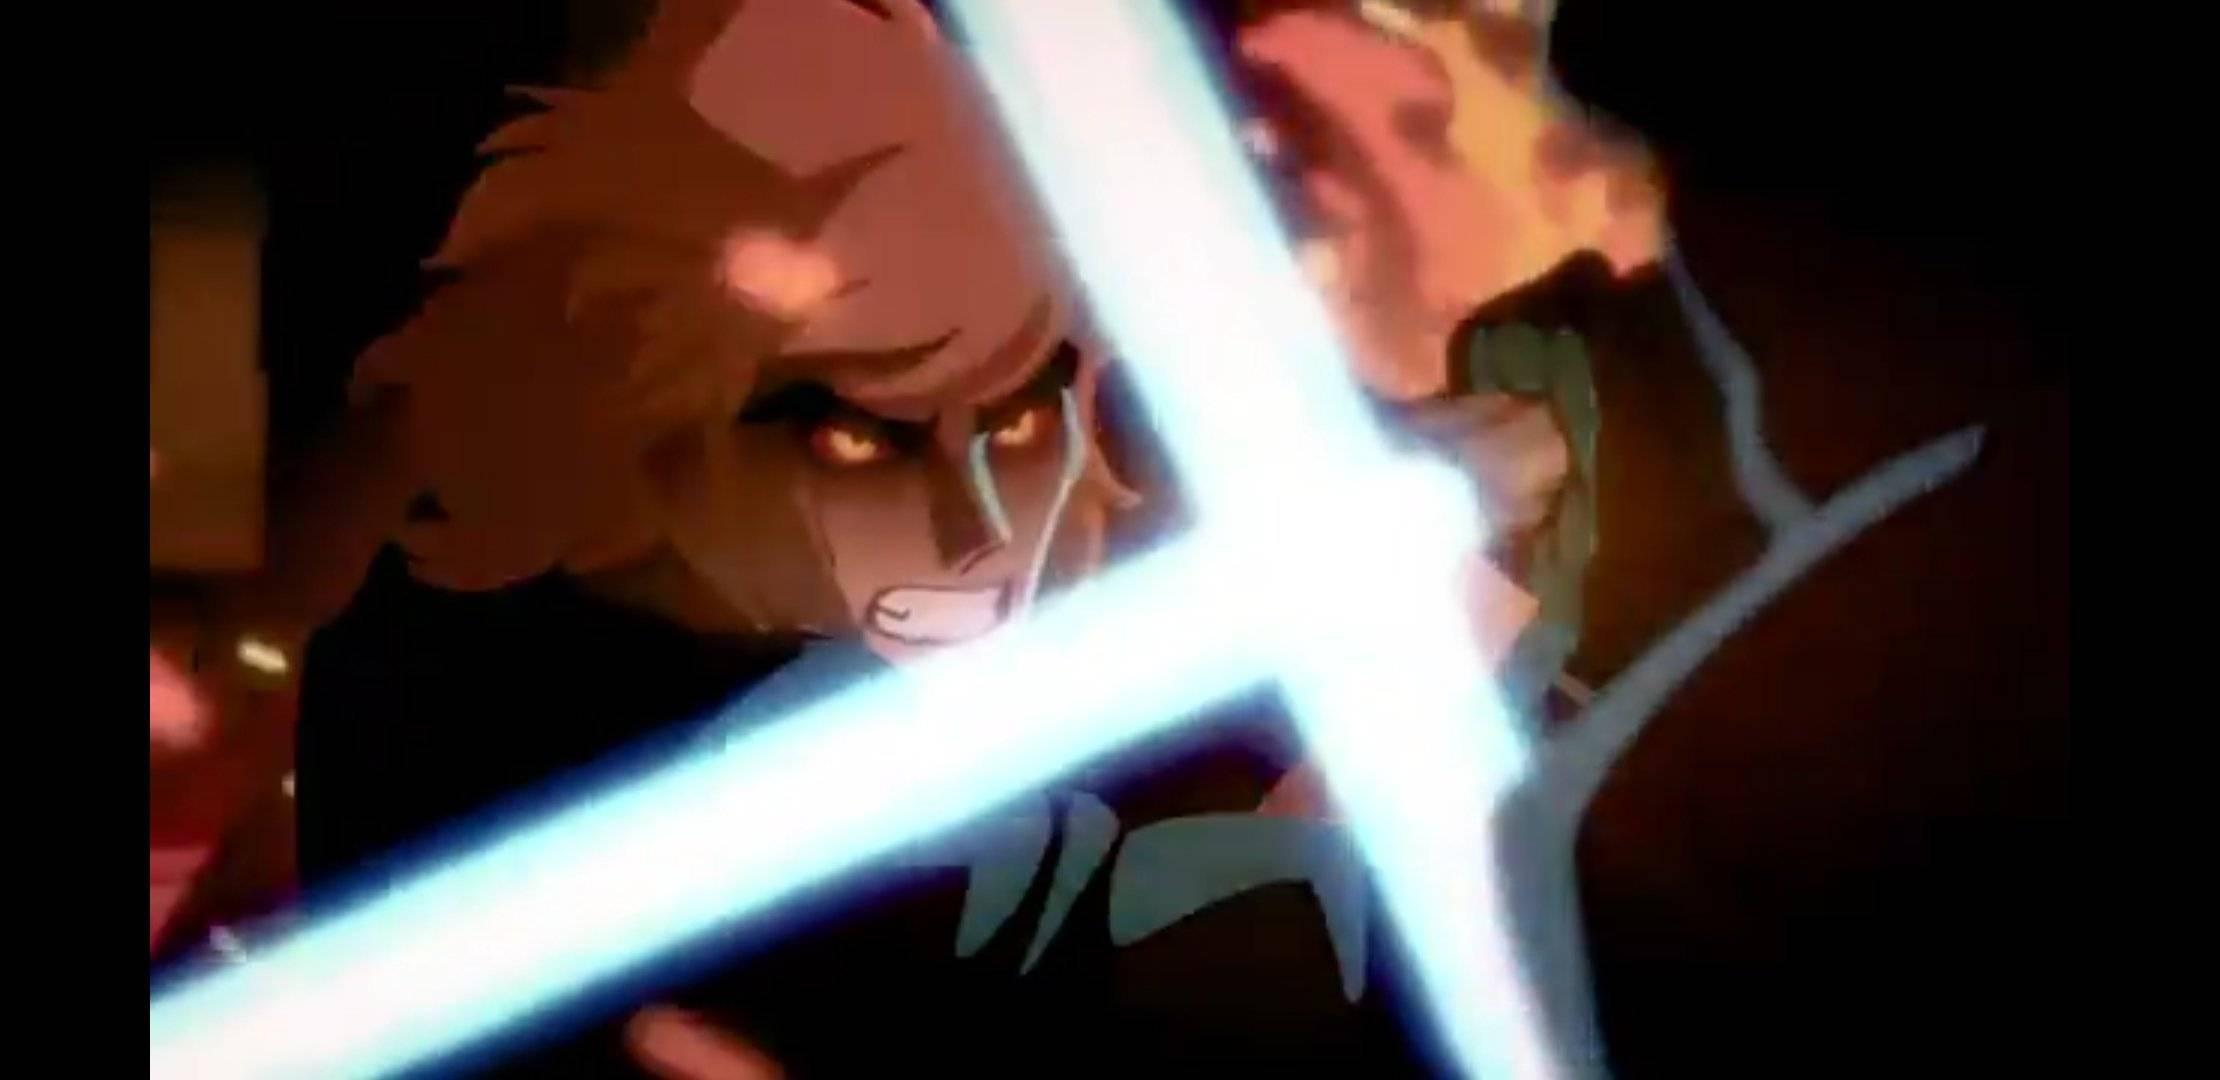 Короткометражка: минутный анимационный ролик о Саге Скайуокеров